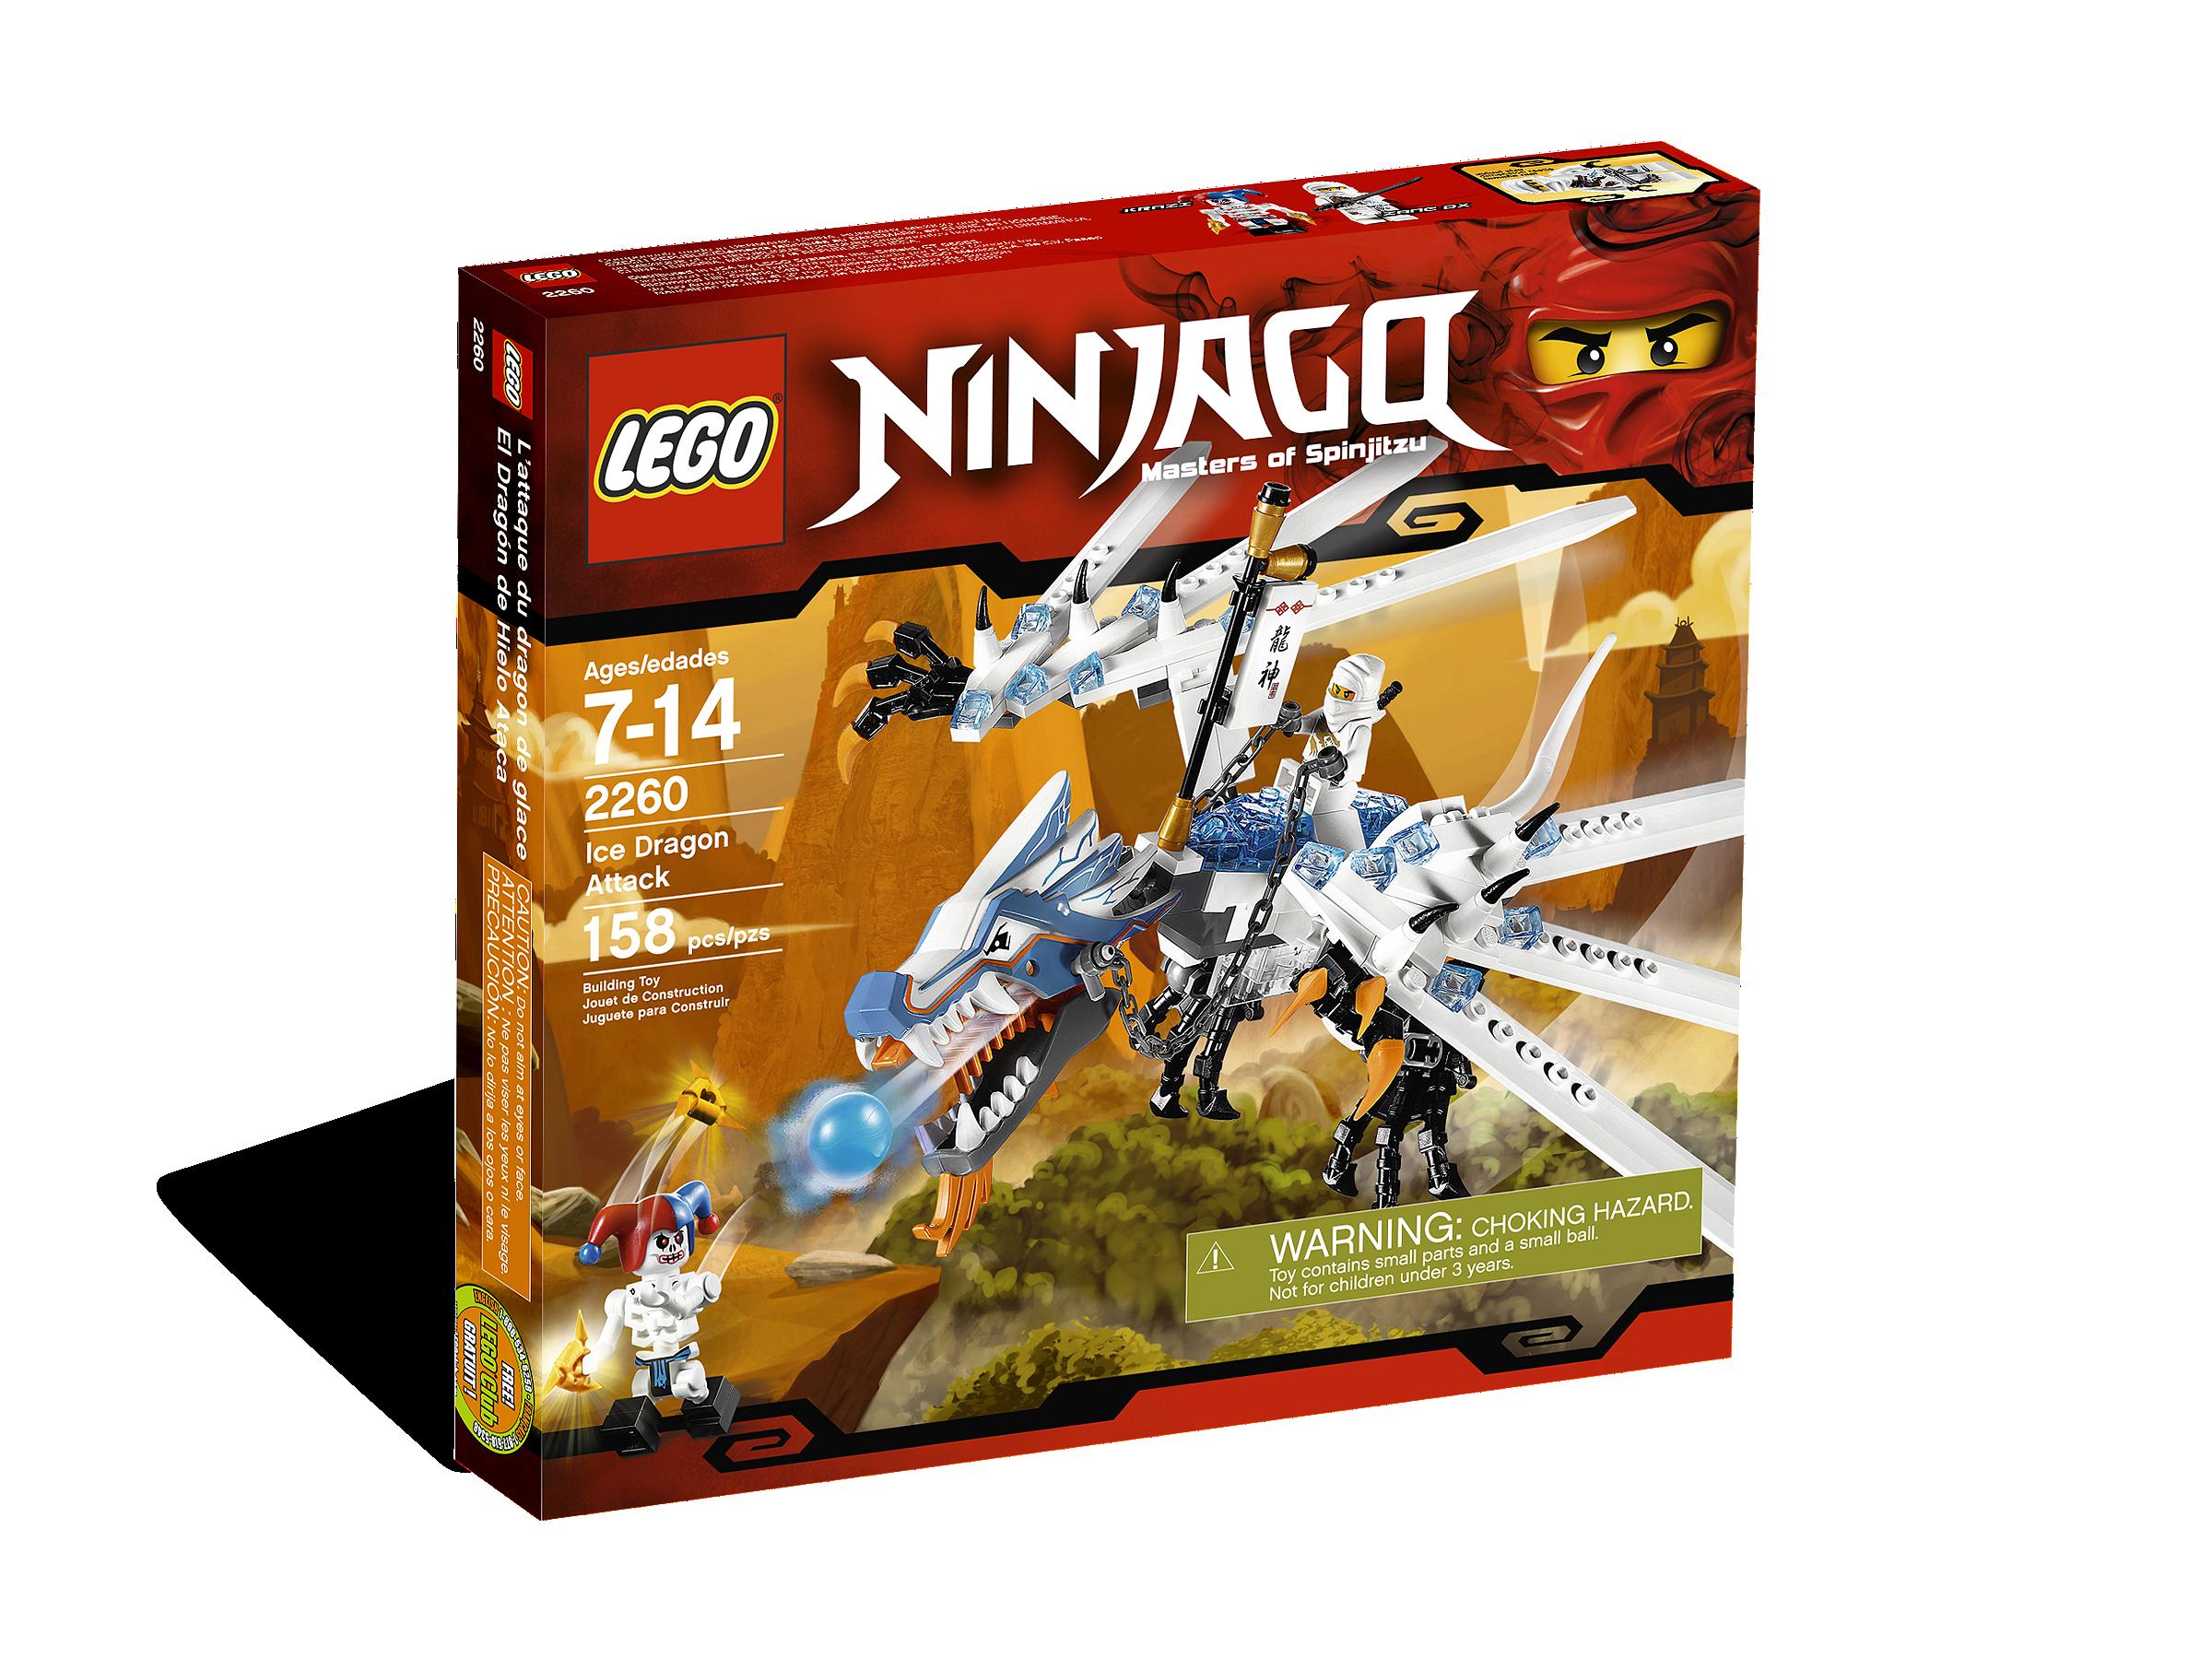 2260 Ice Dragon Attack